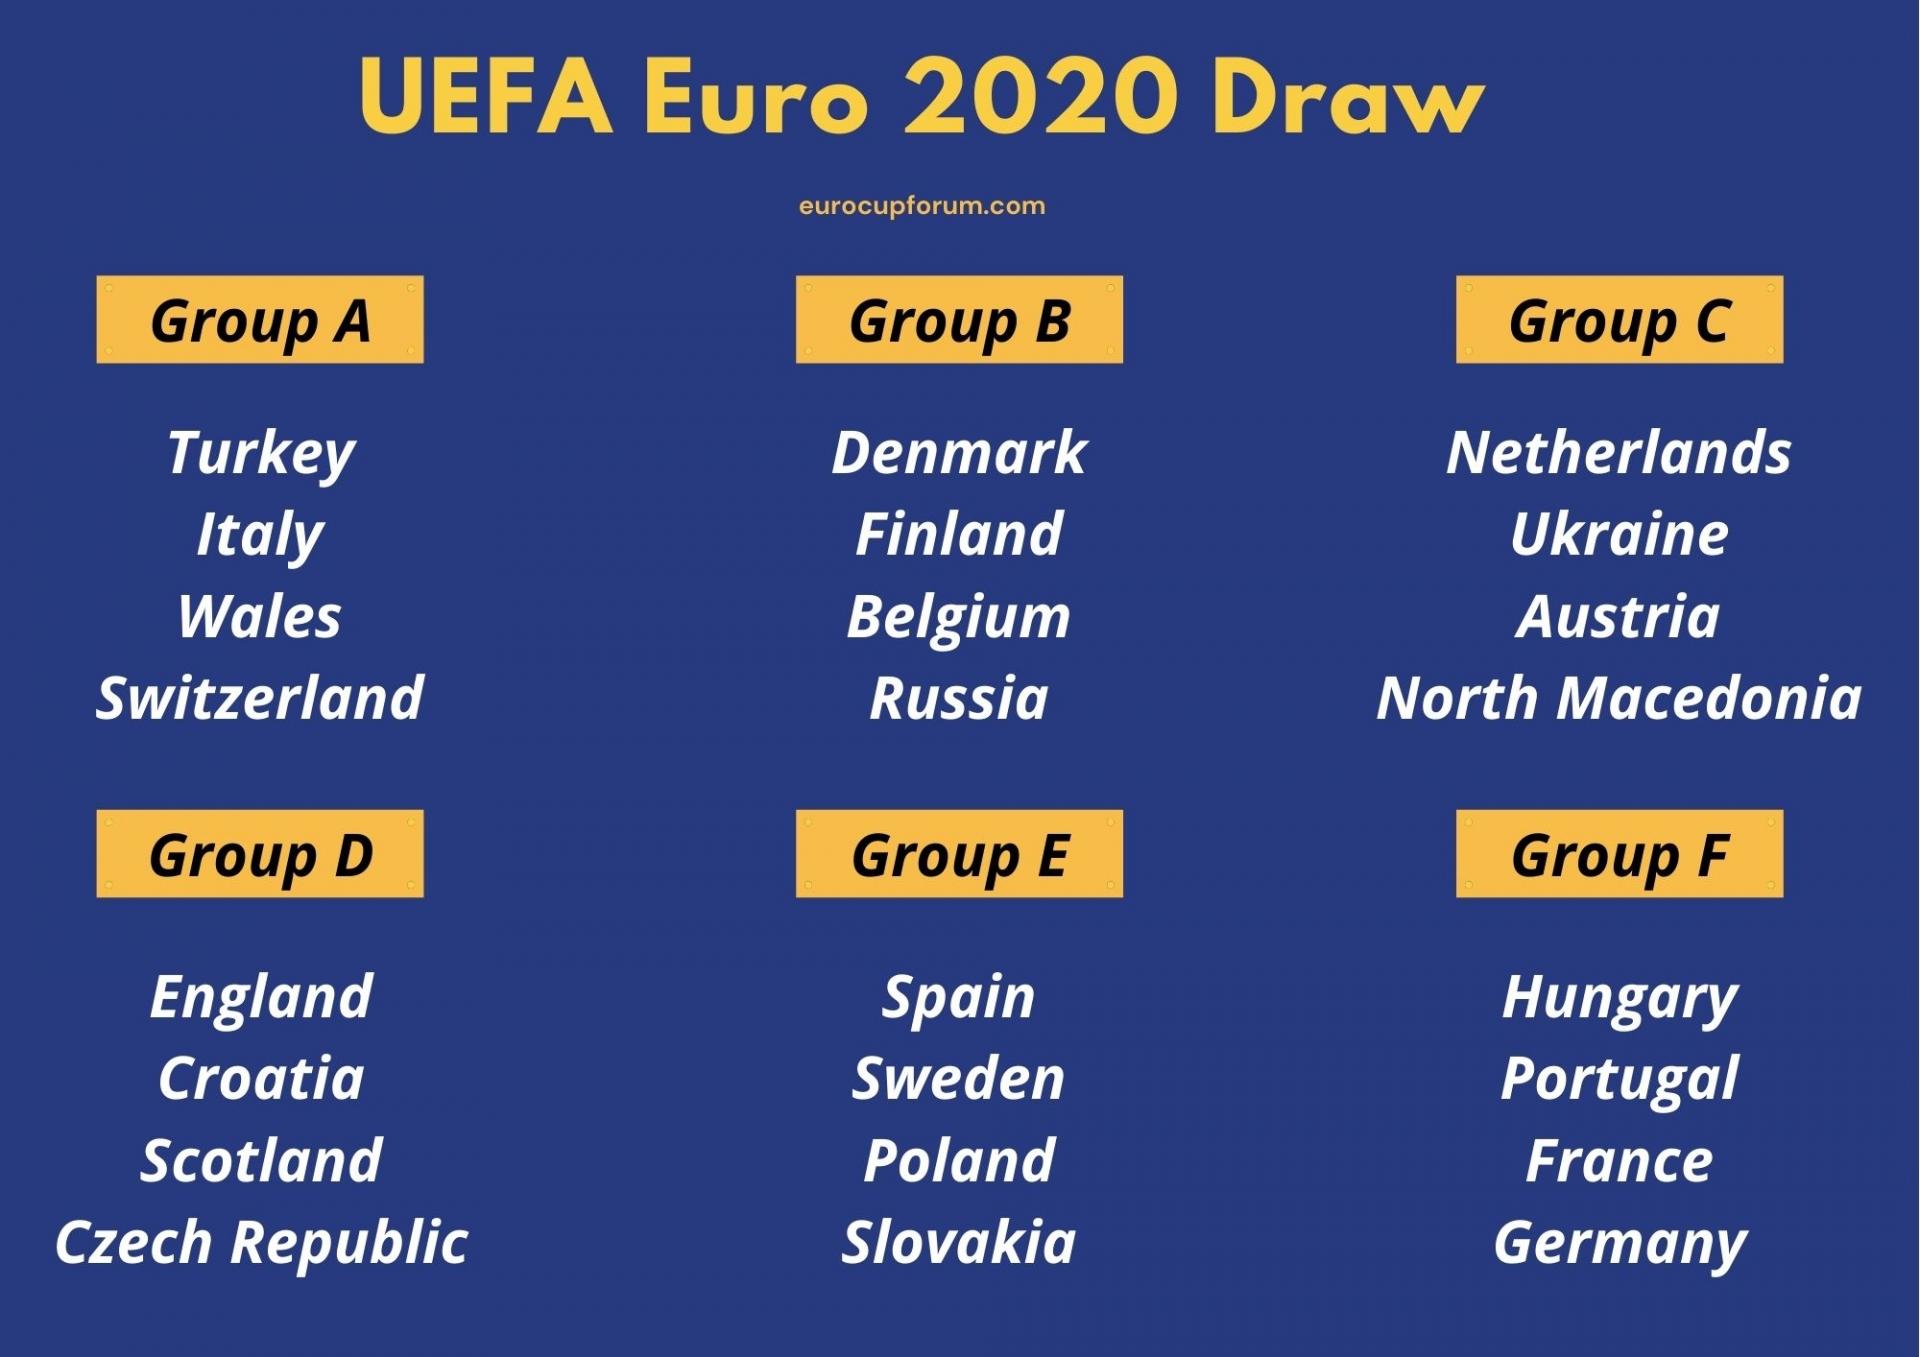 جدول مسابقات یورو 2020 ، رتبه بندی یورو 2020 بر اساس مسابقه 2